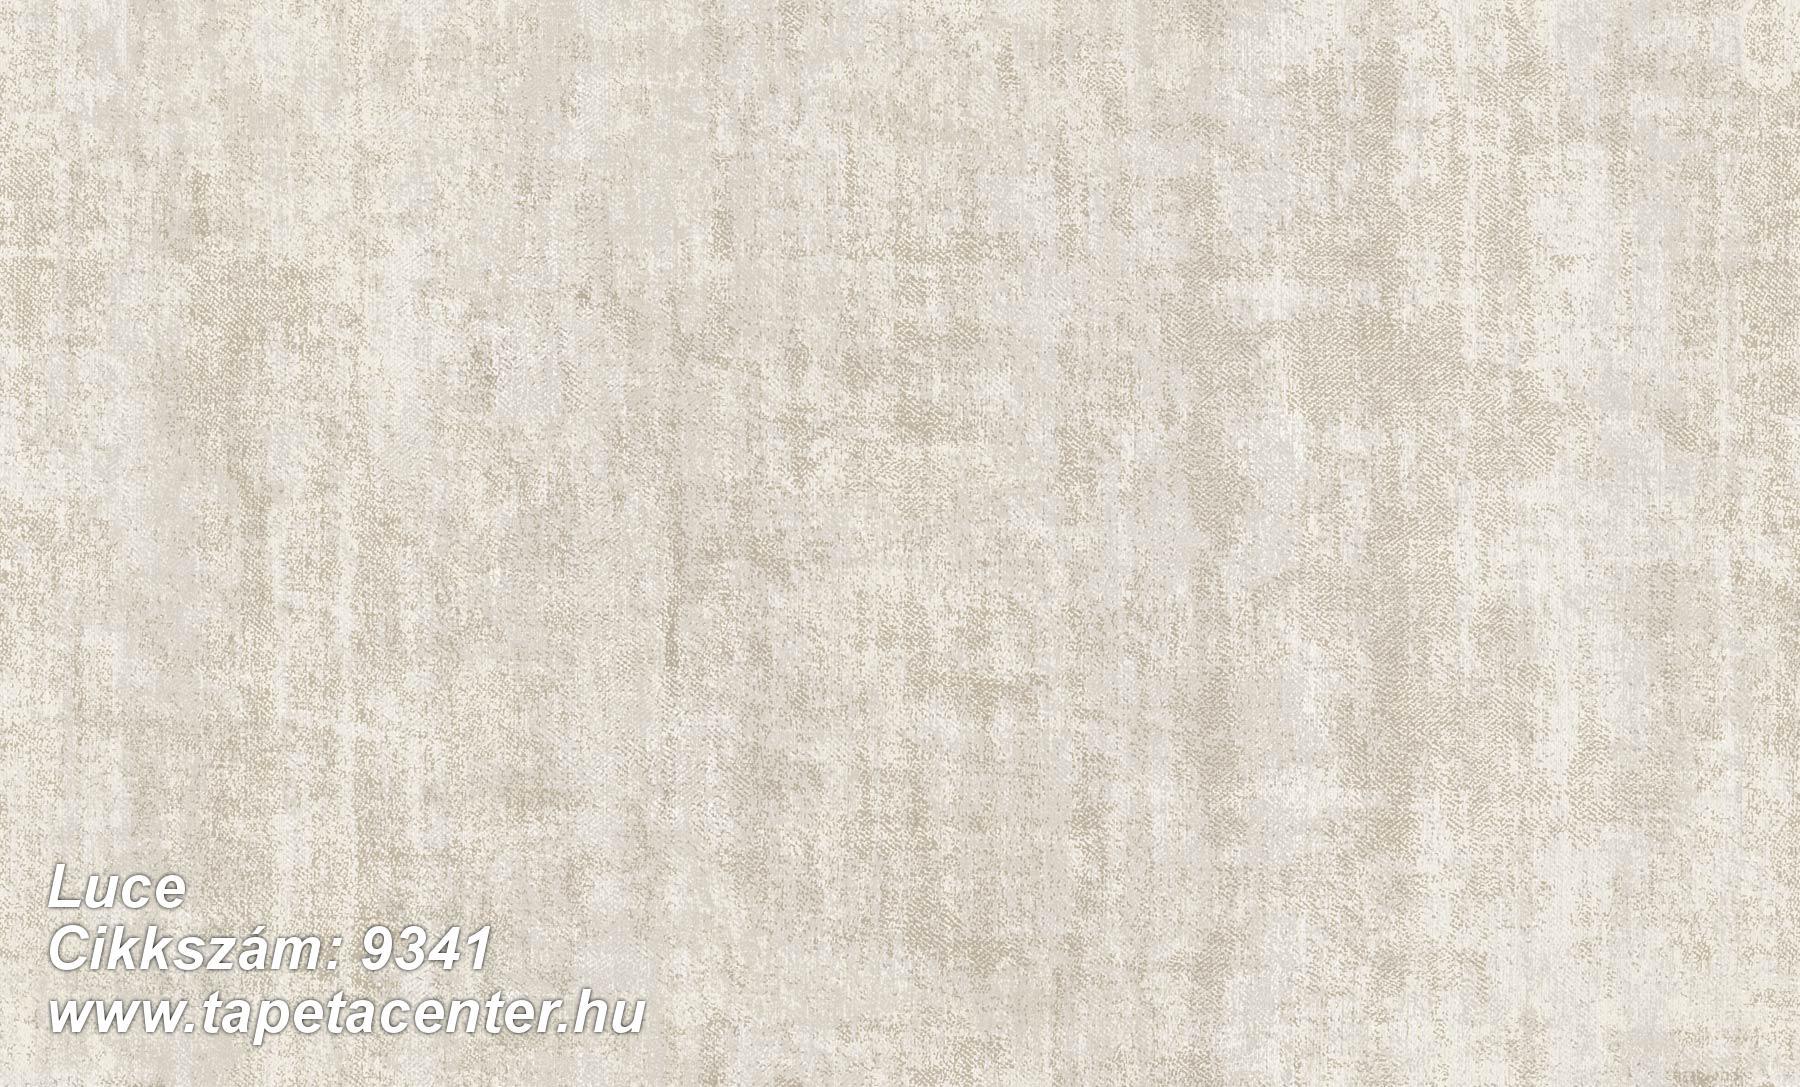 Luce - 9341 Olasz tapéta